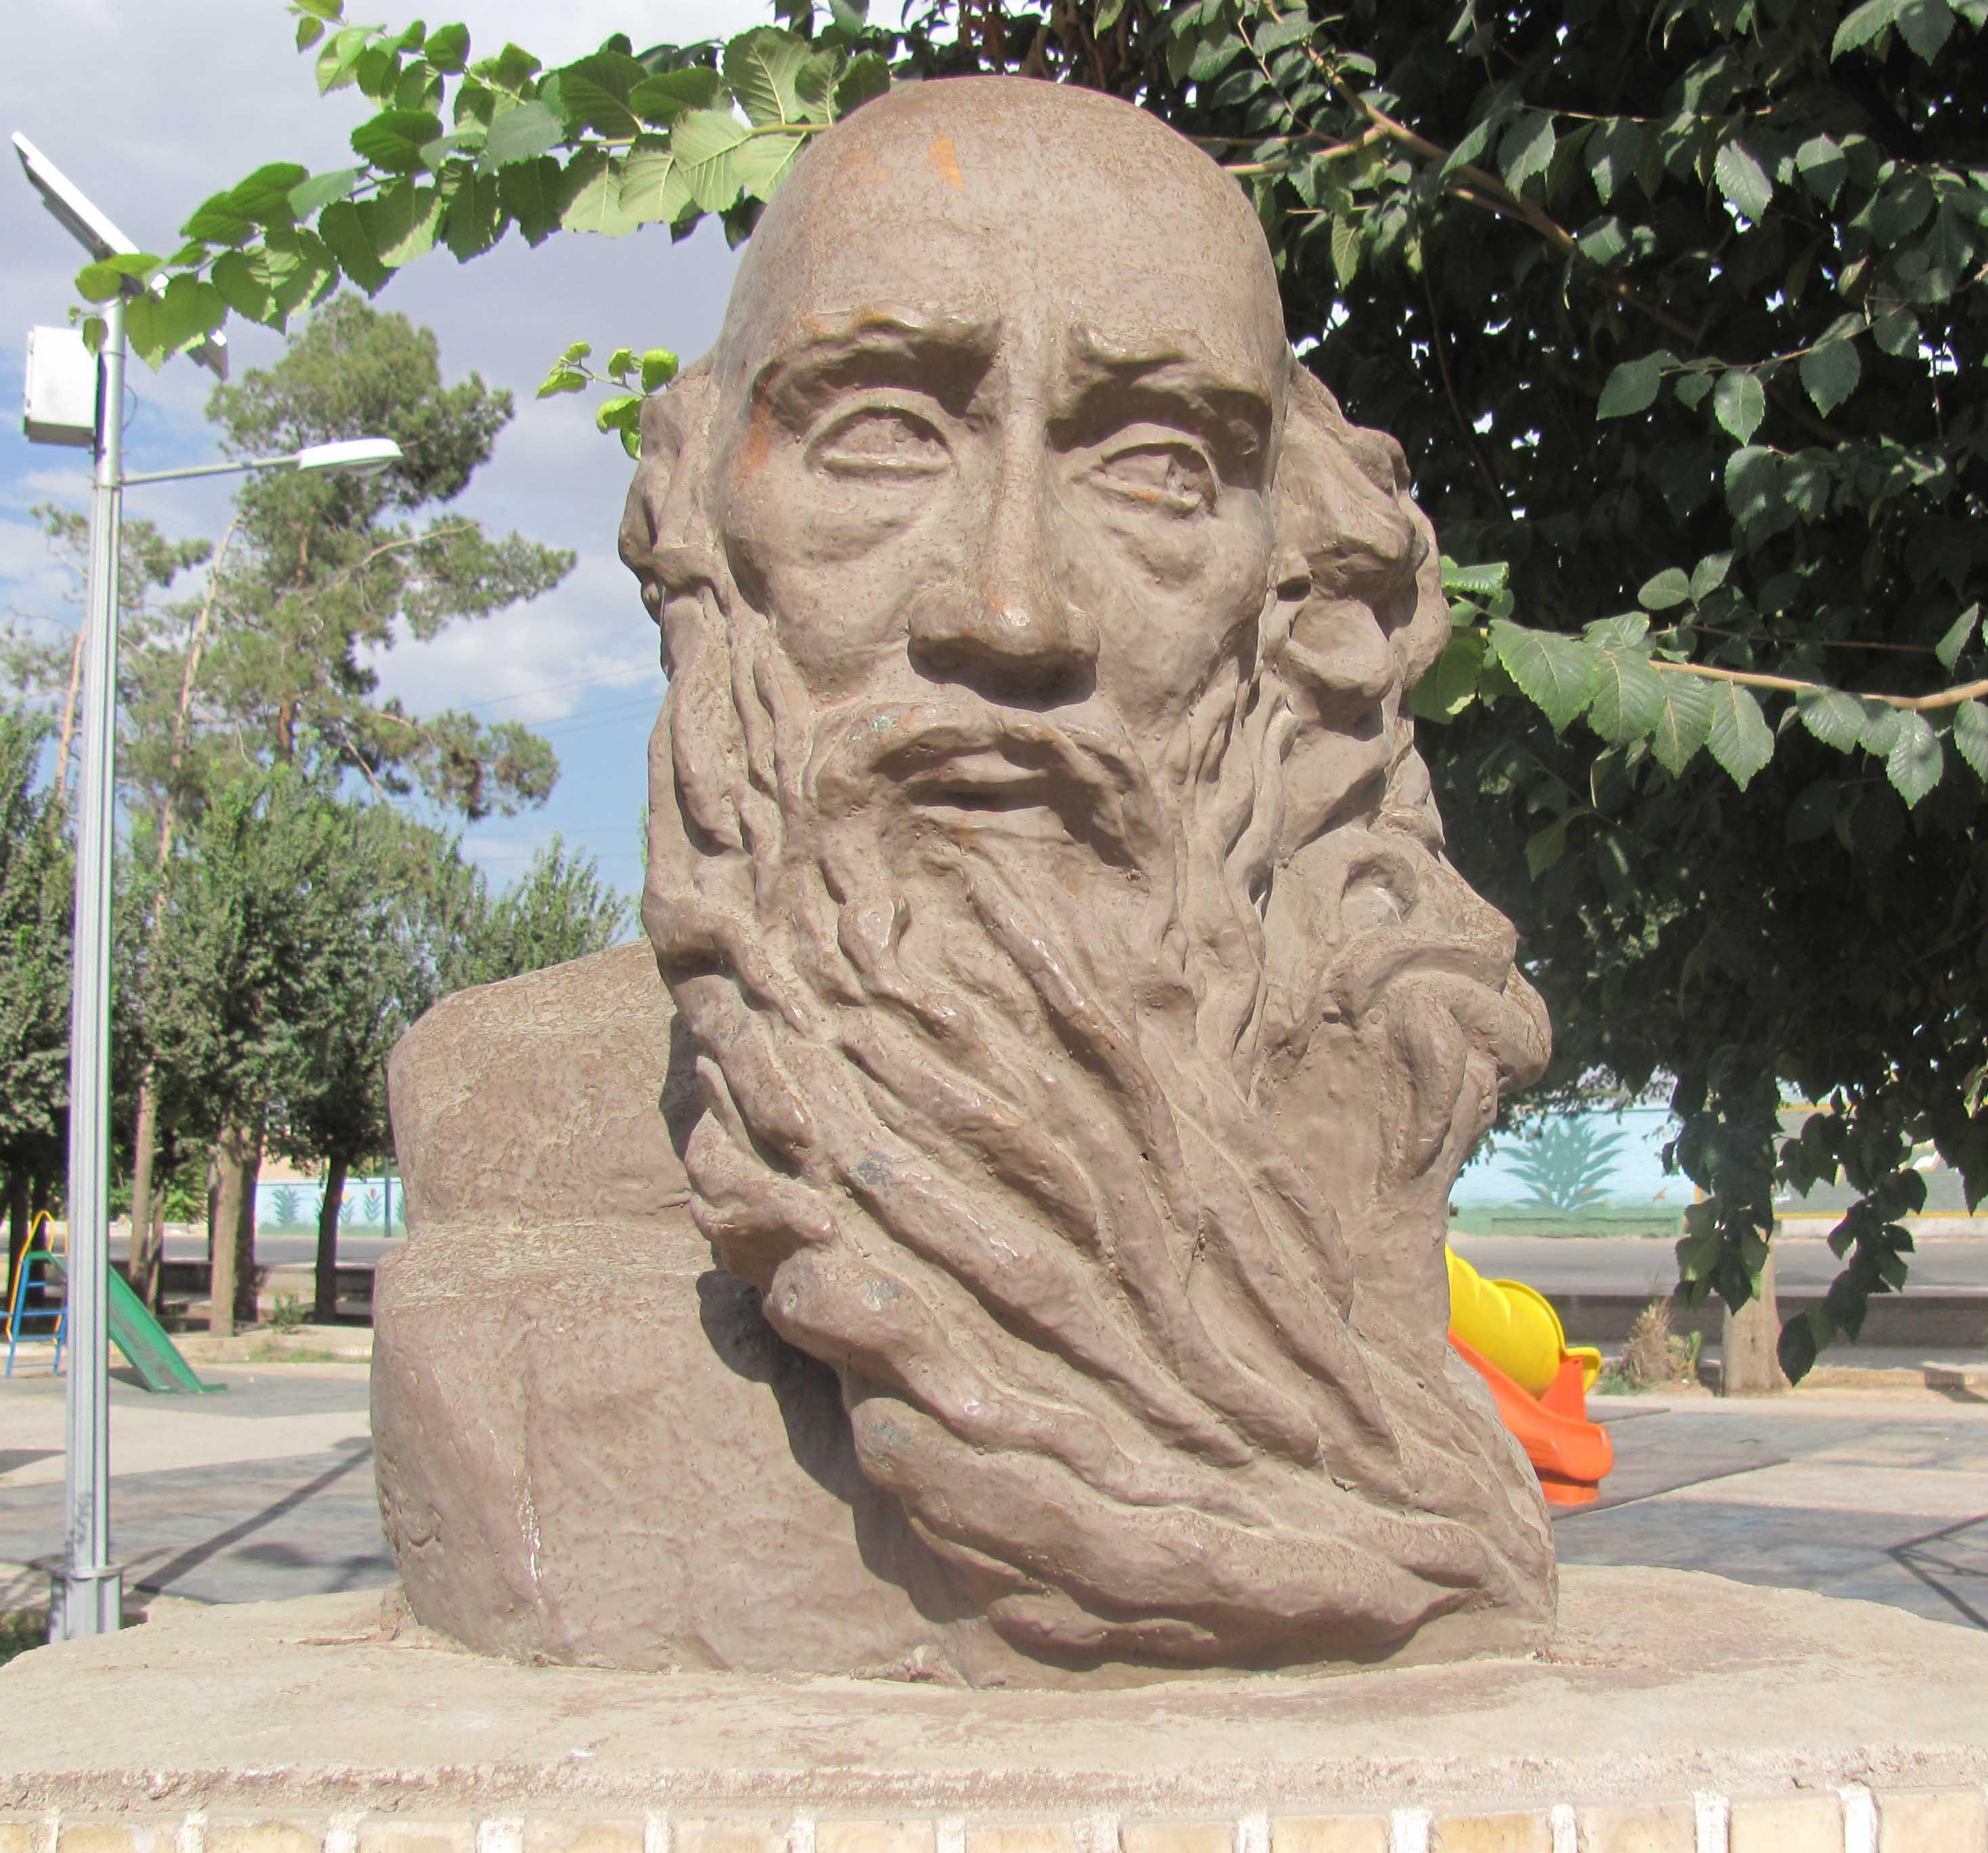 وحشی بافقی؛ «هیشکی منو دوست نداره»ترین شاعر فارسی!